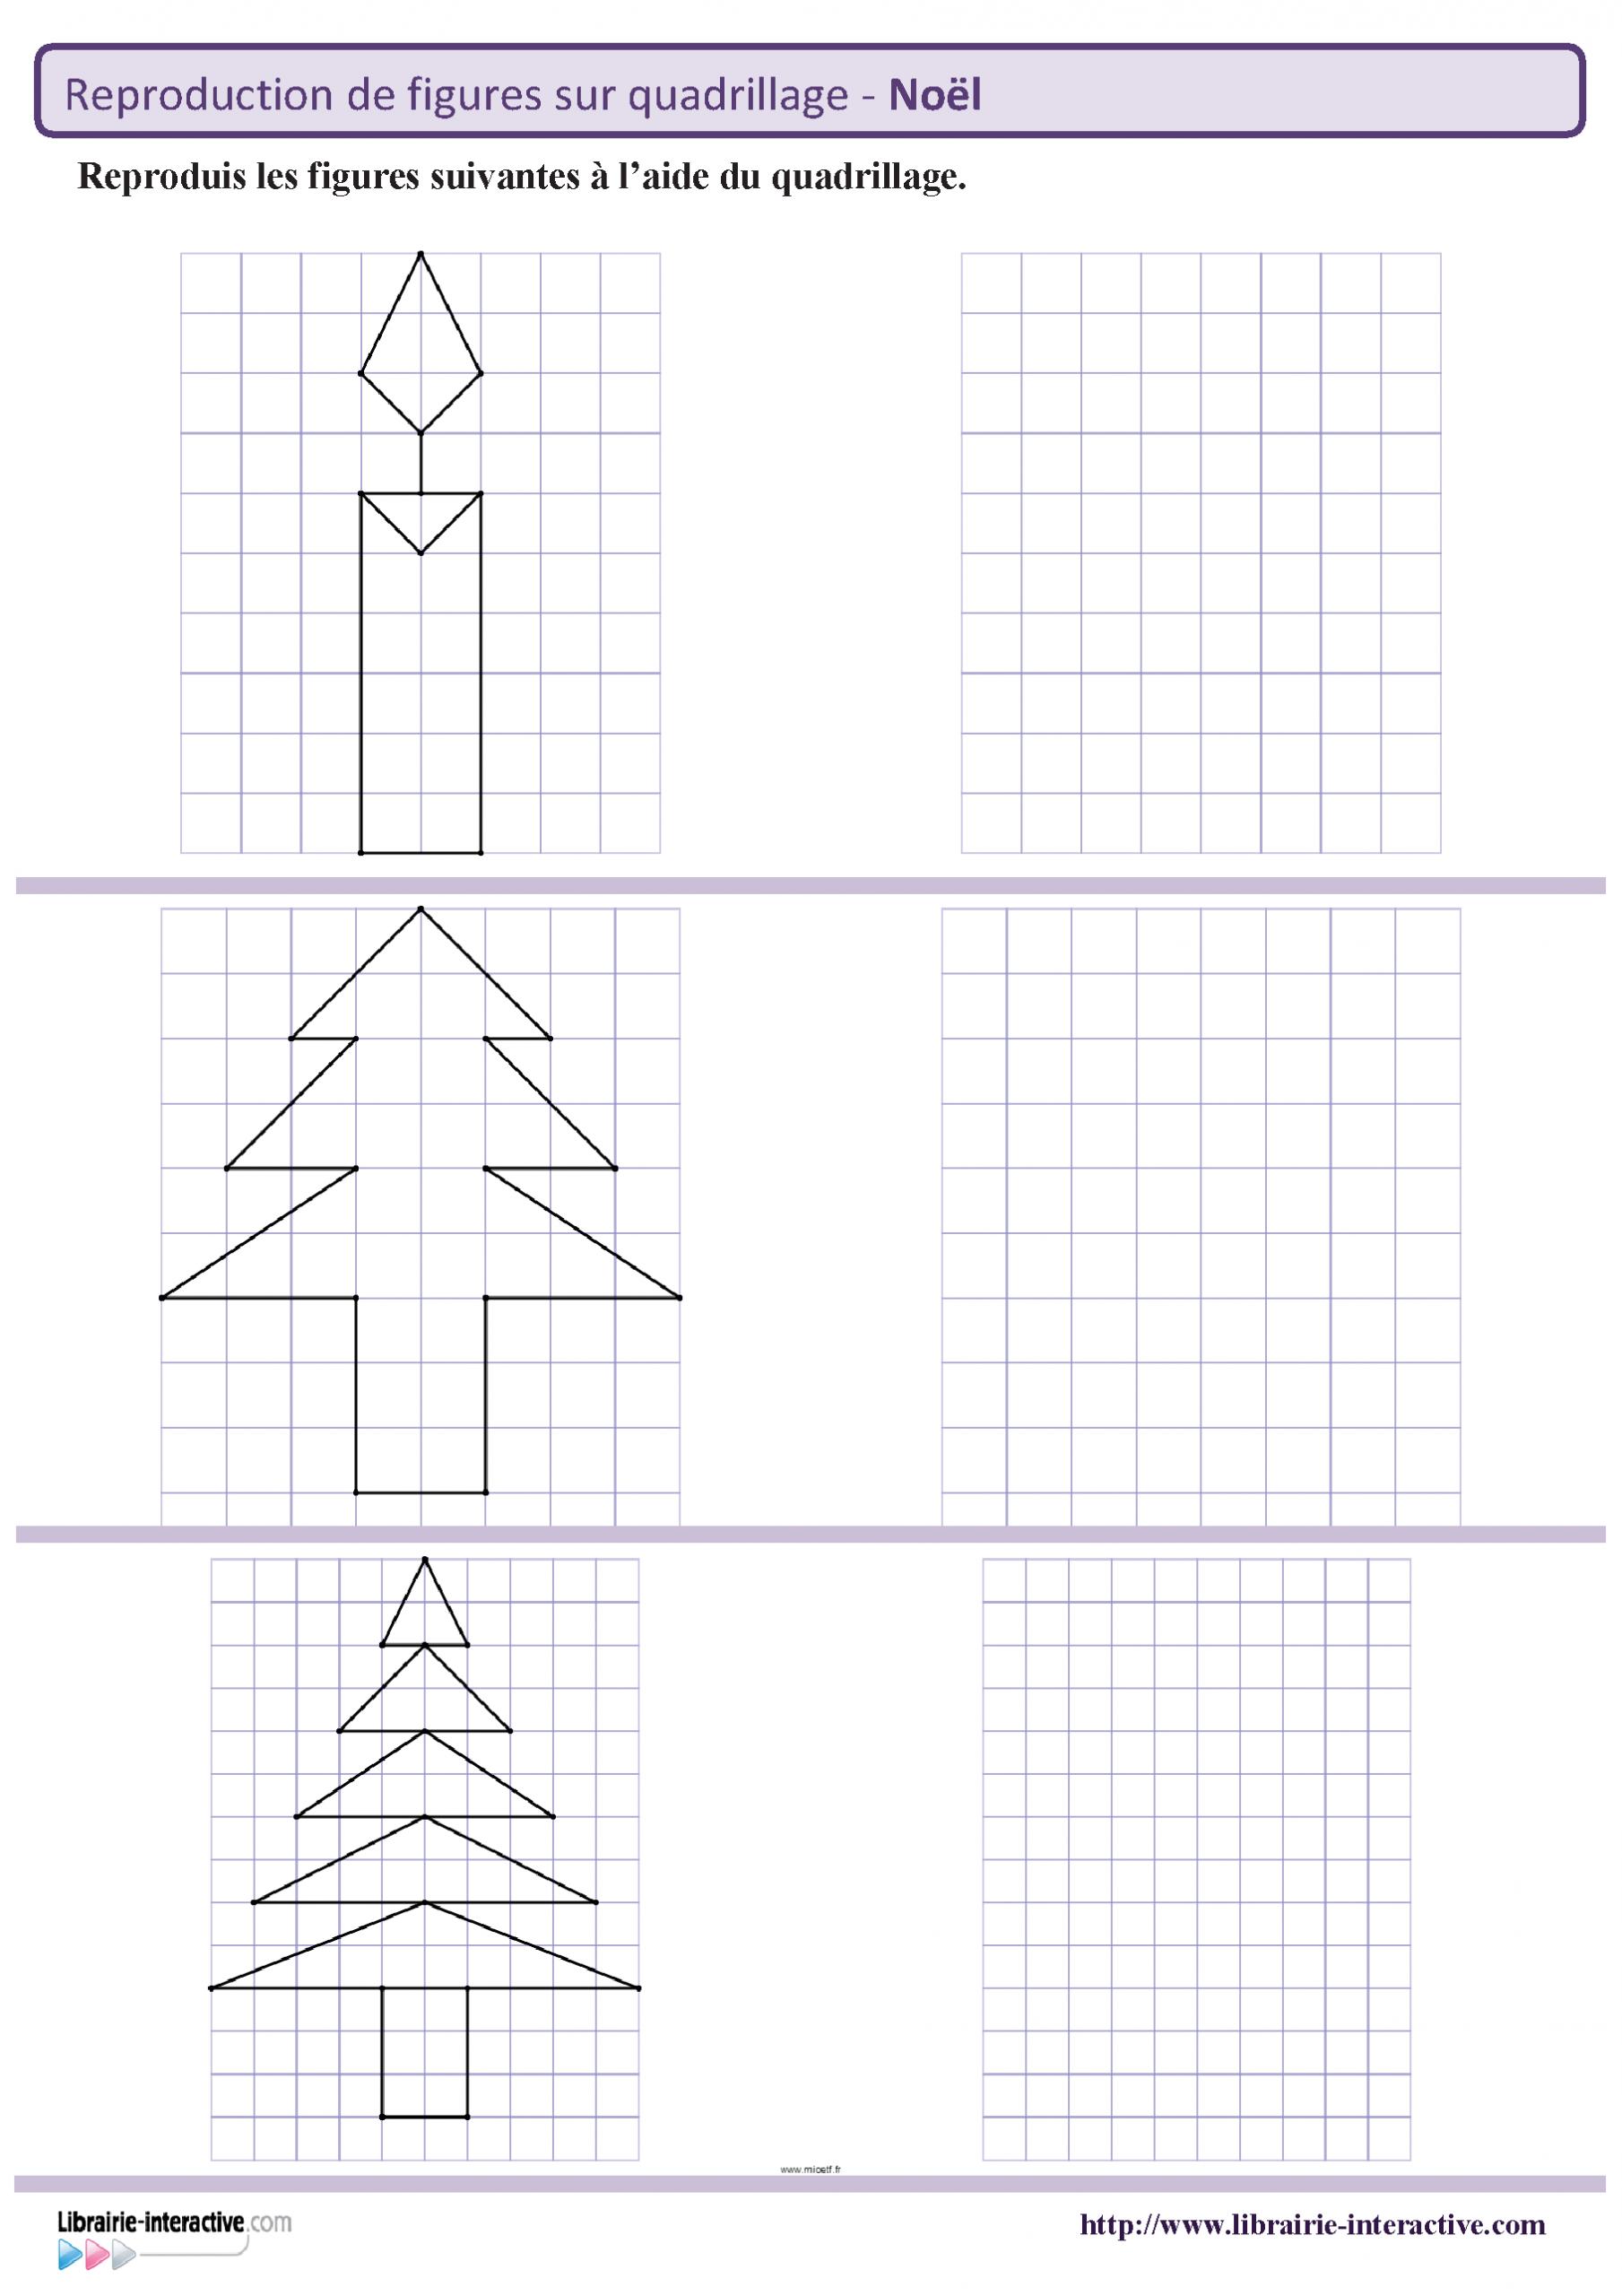 Des Figures Géométriques Sur Le Thème De Noël À Reproduire concernant Reproduction De Figures Sur Quadrillage